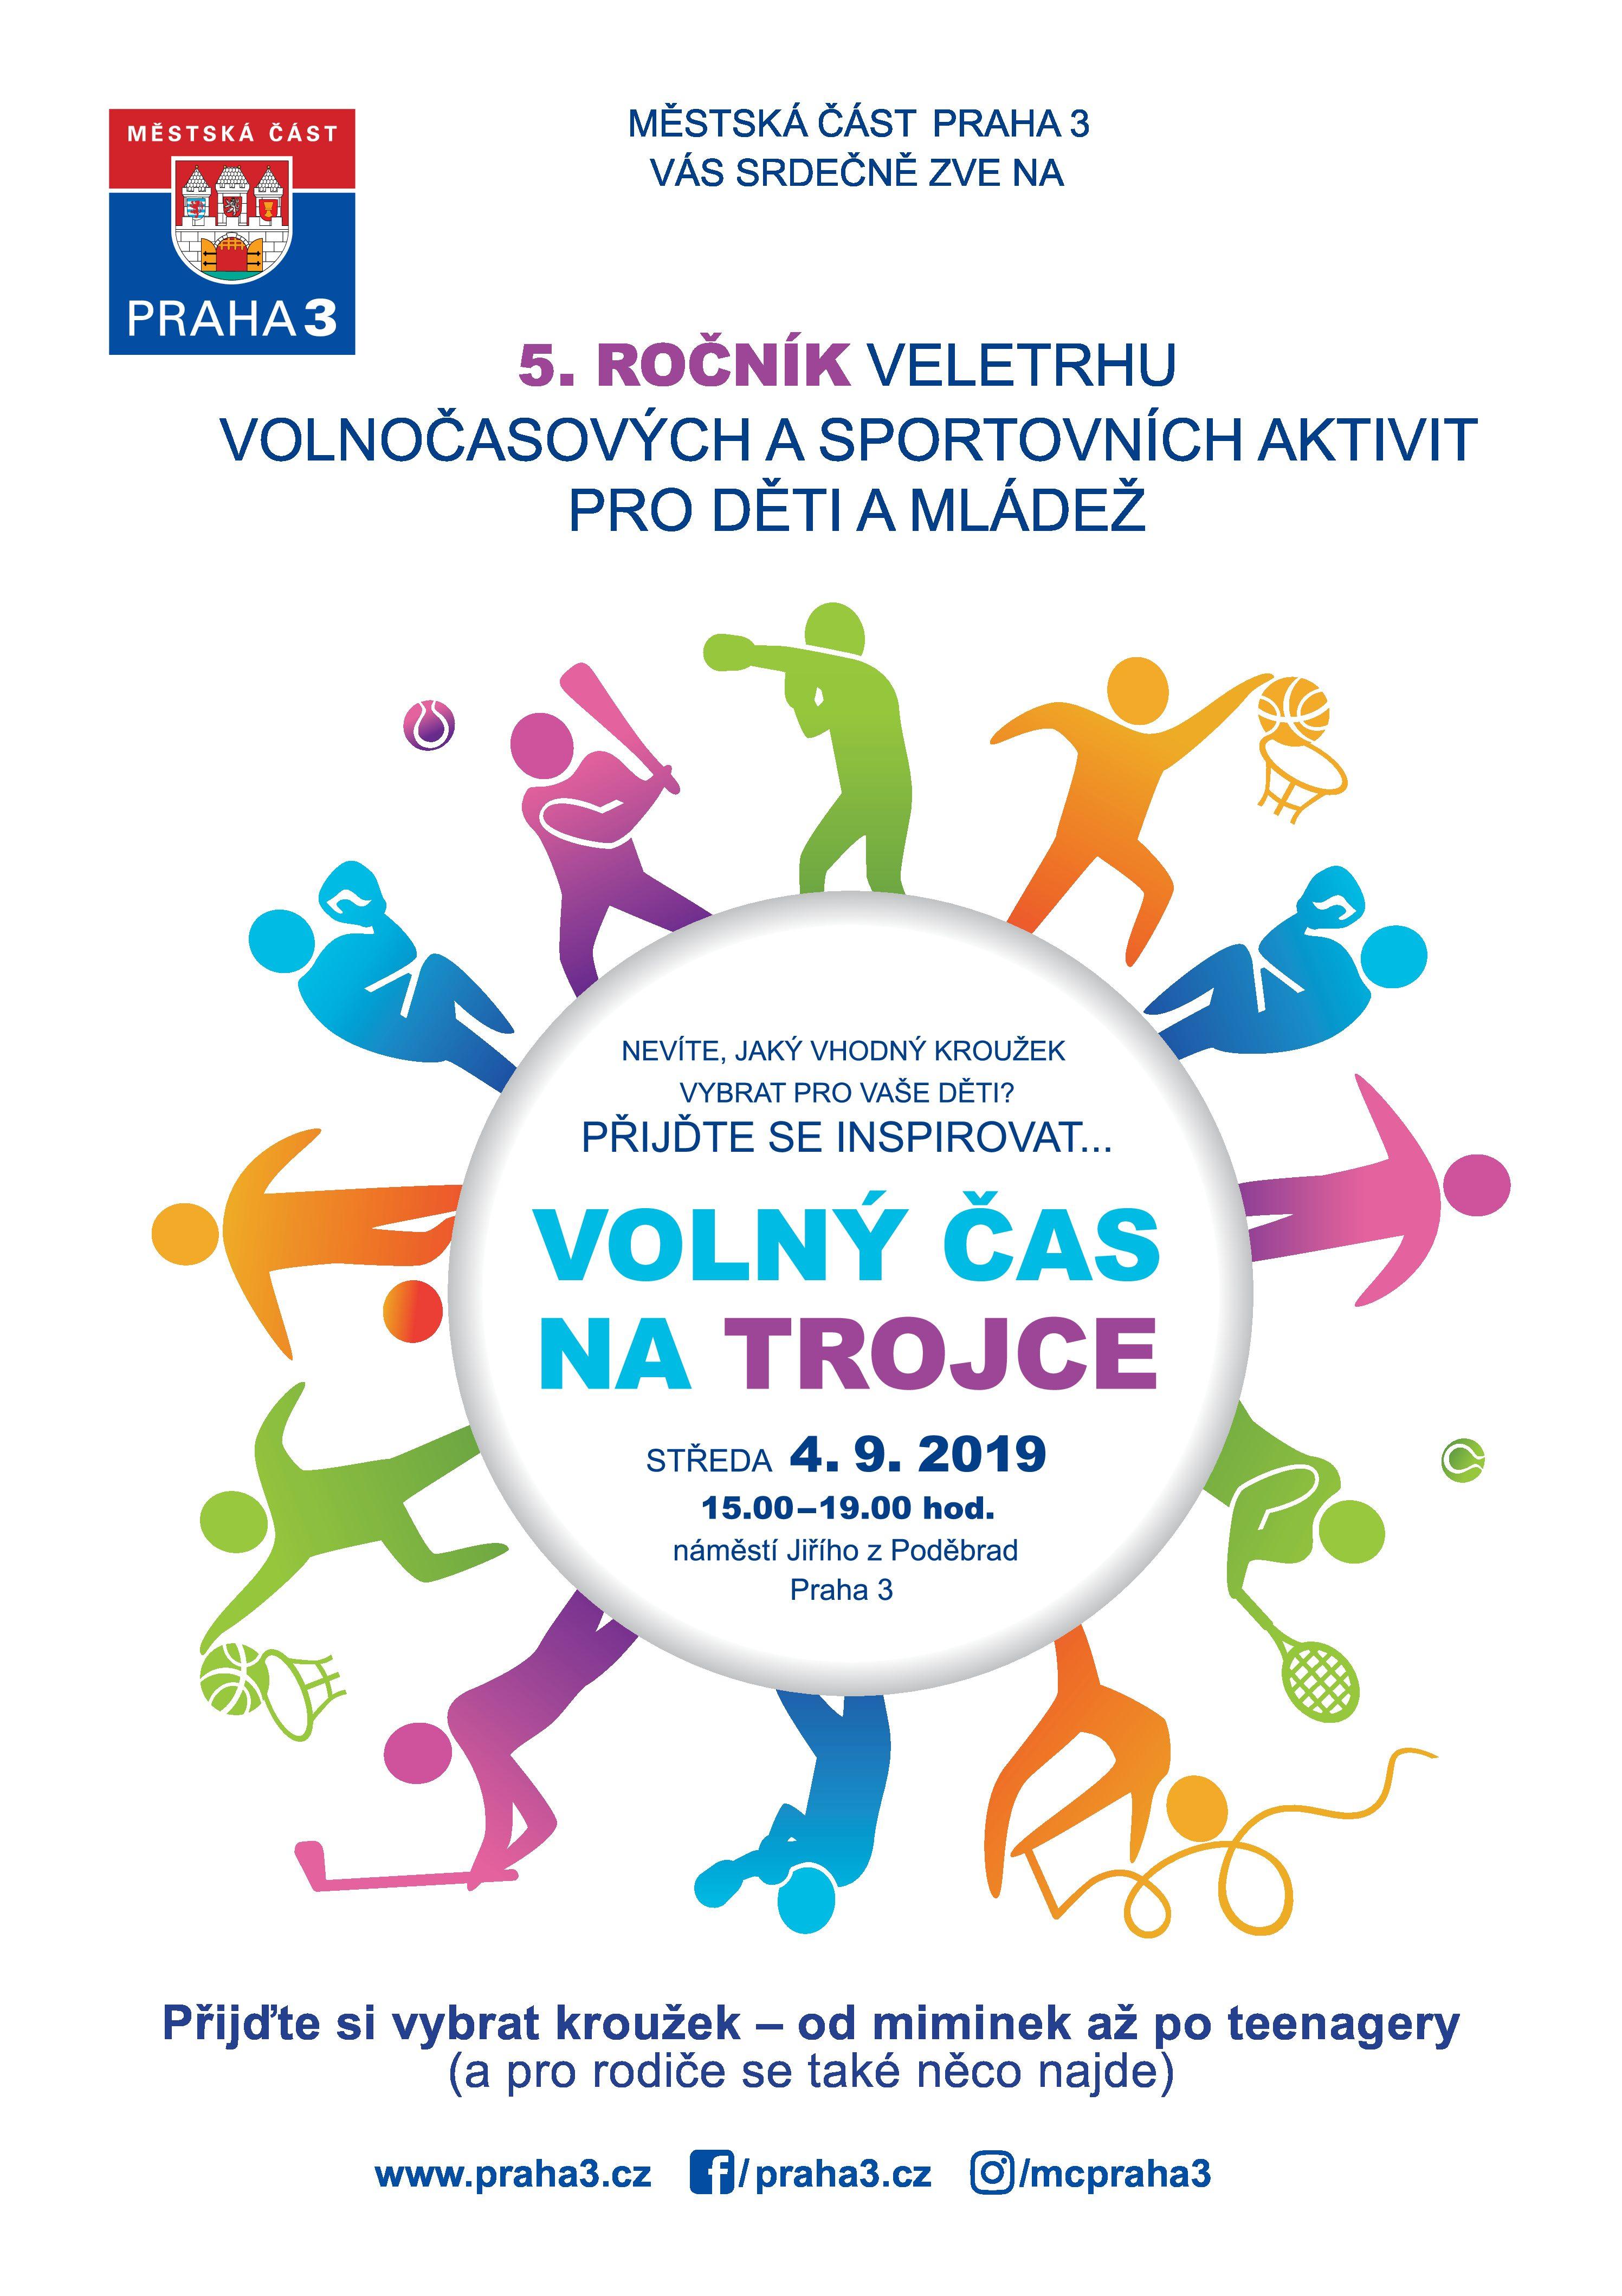 Volný čas na Trojce – 5. ročník veletrhu volnočasových a sportovních aktivit pro děti a mládež